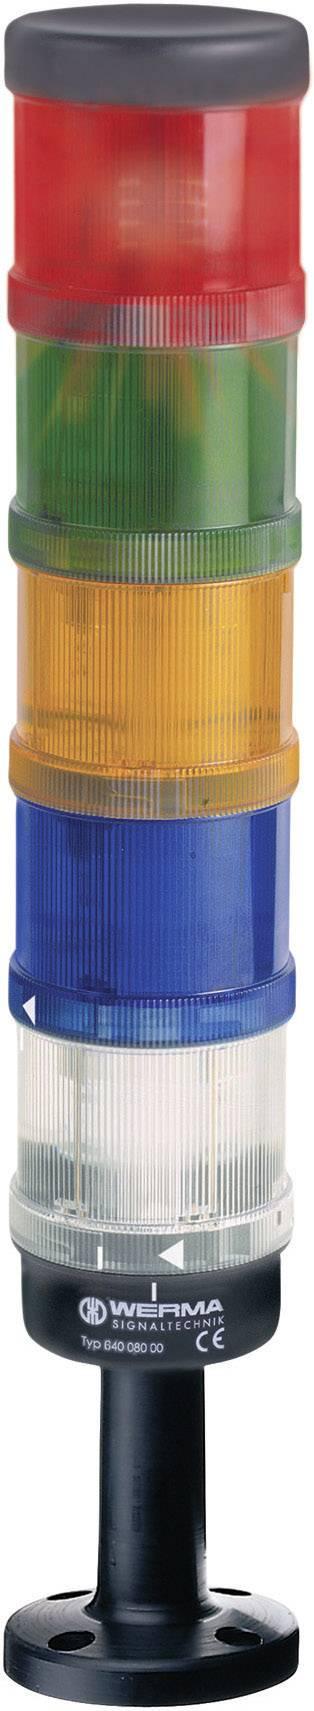 LED stálá signálka Werma 644.500.75, 24 V, IP65, modrá